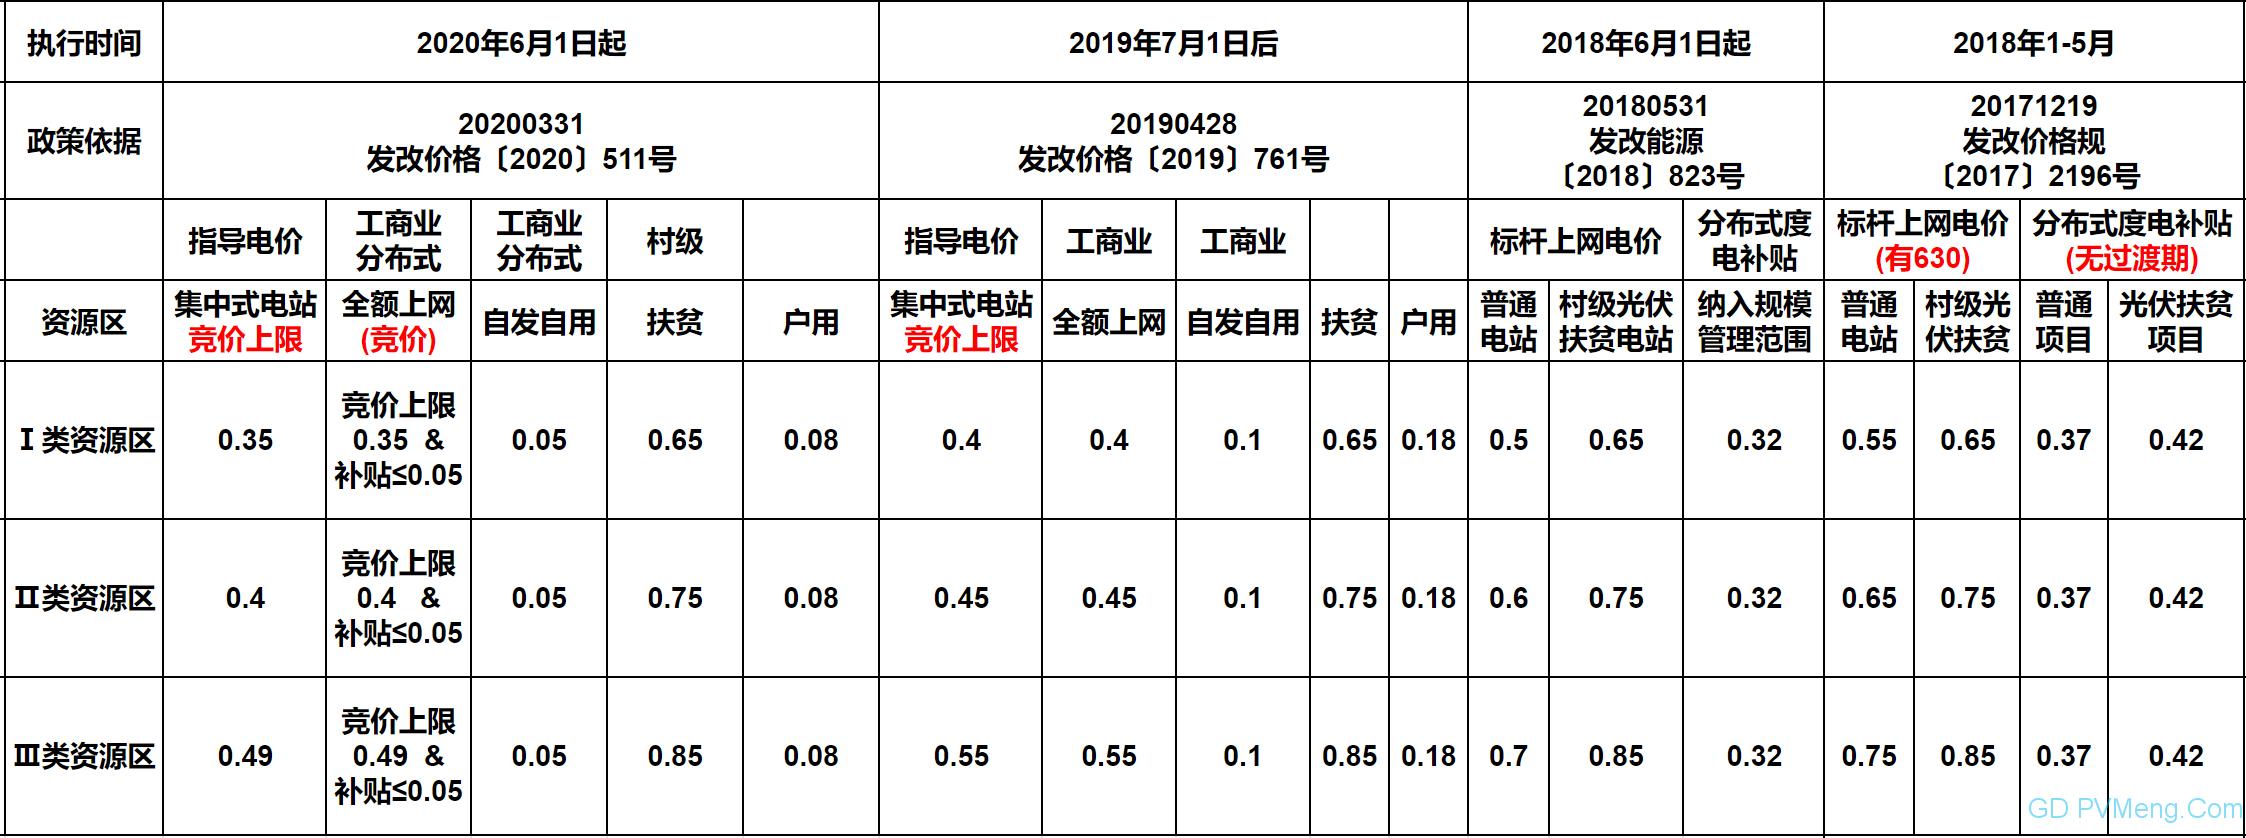 【中国光伏电价演变】2008年至今,4元到0.35元!